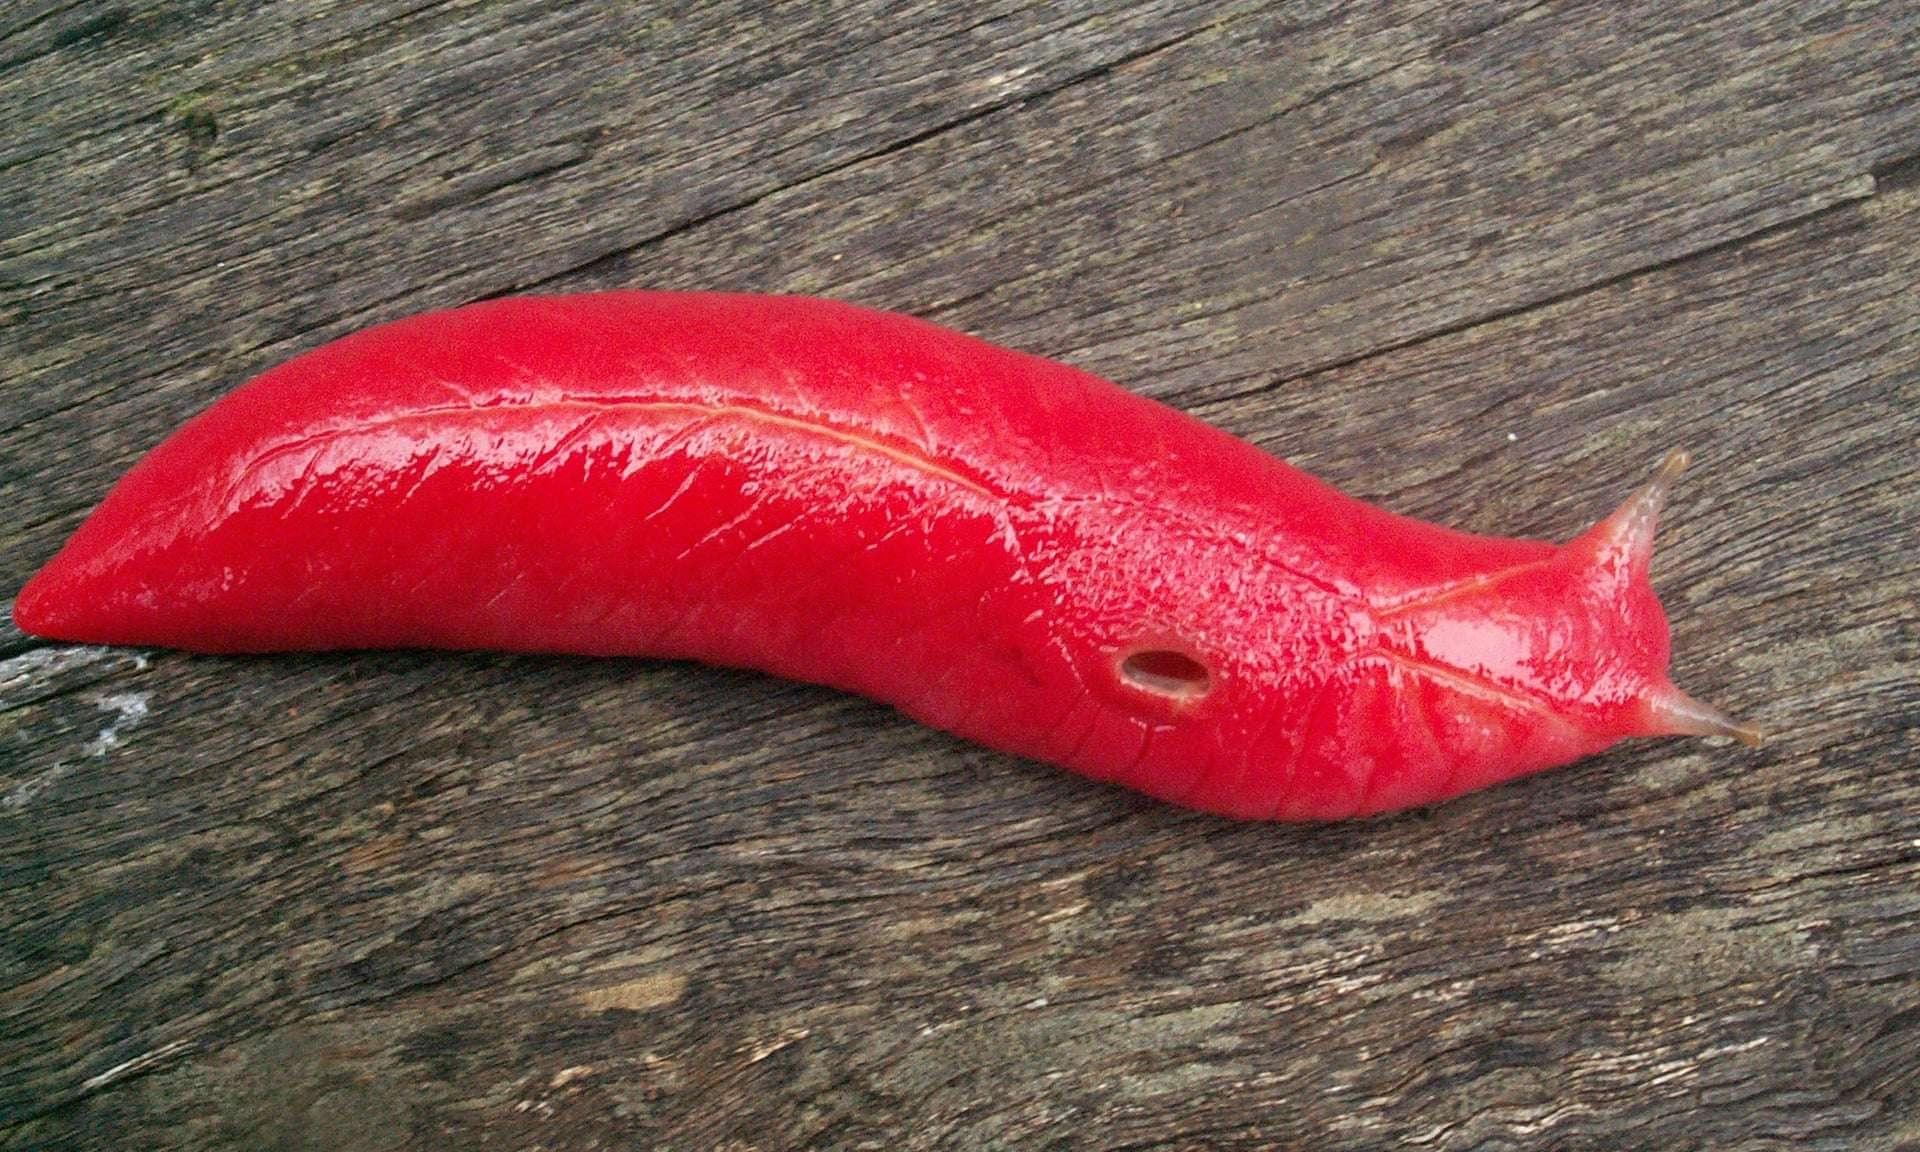 La limace rose fluorescente est endémique du Mont Kaputar en Nouvelle-Galles du Sud et a survécu aux incendies qui ont ravagé son habitat en décembre 2019. © Michael Murphy, AFP